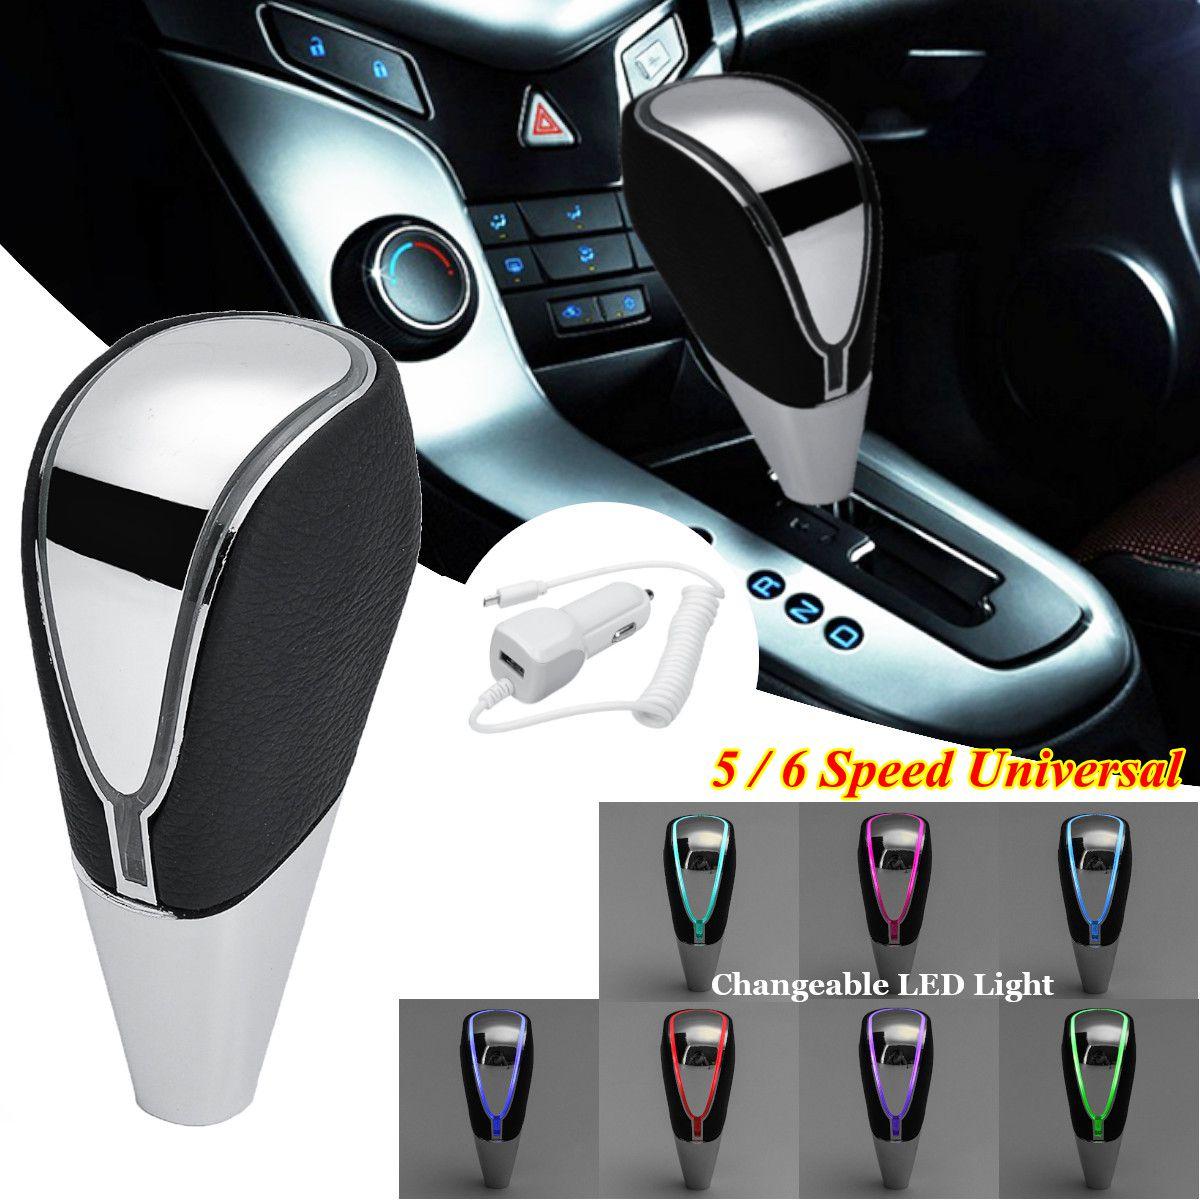 Carro universal mt no botão de mudança de engrenagem mutável multi-cor led luz para sensor de toque ativado shifter engrenagem alavanca